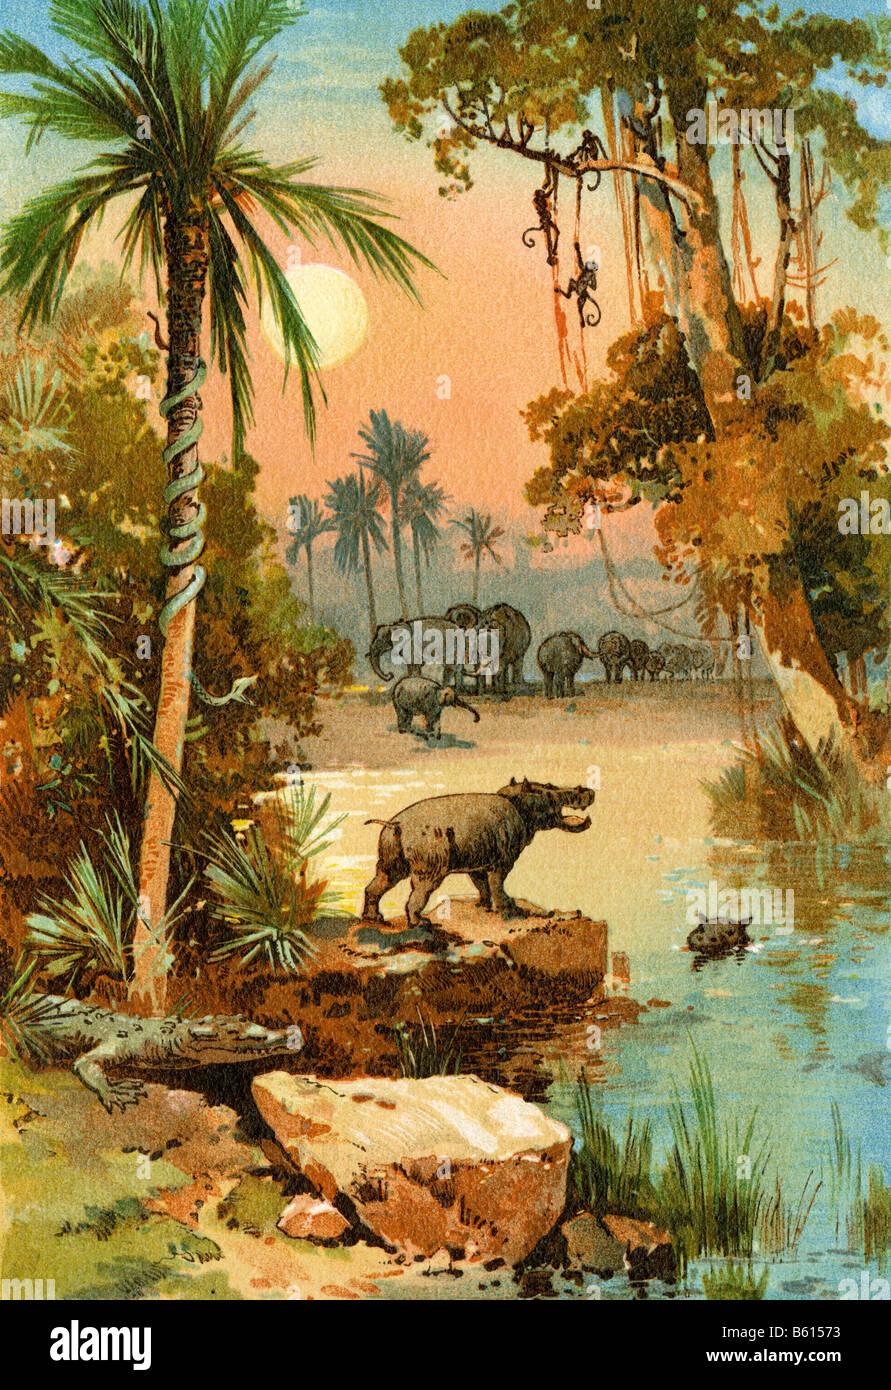 Les éléphants et les hippopotames le long du fleuve Congo. Lithographie couleur Photo Stock